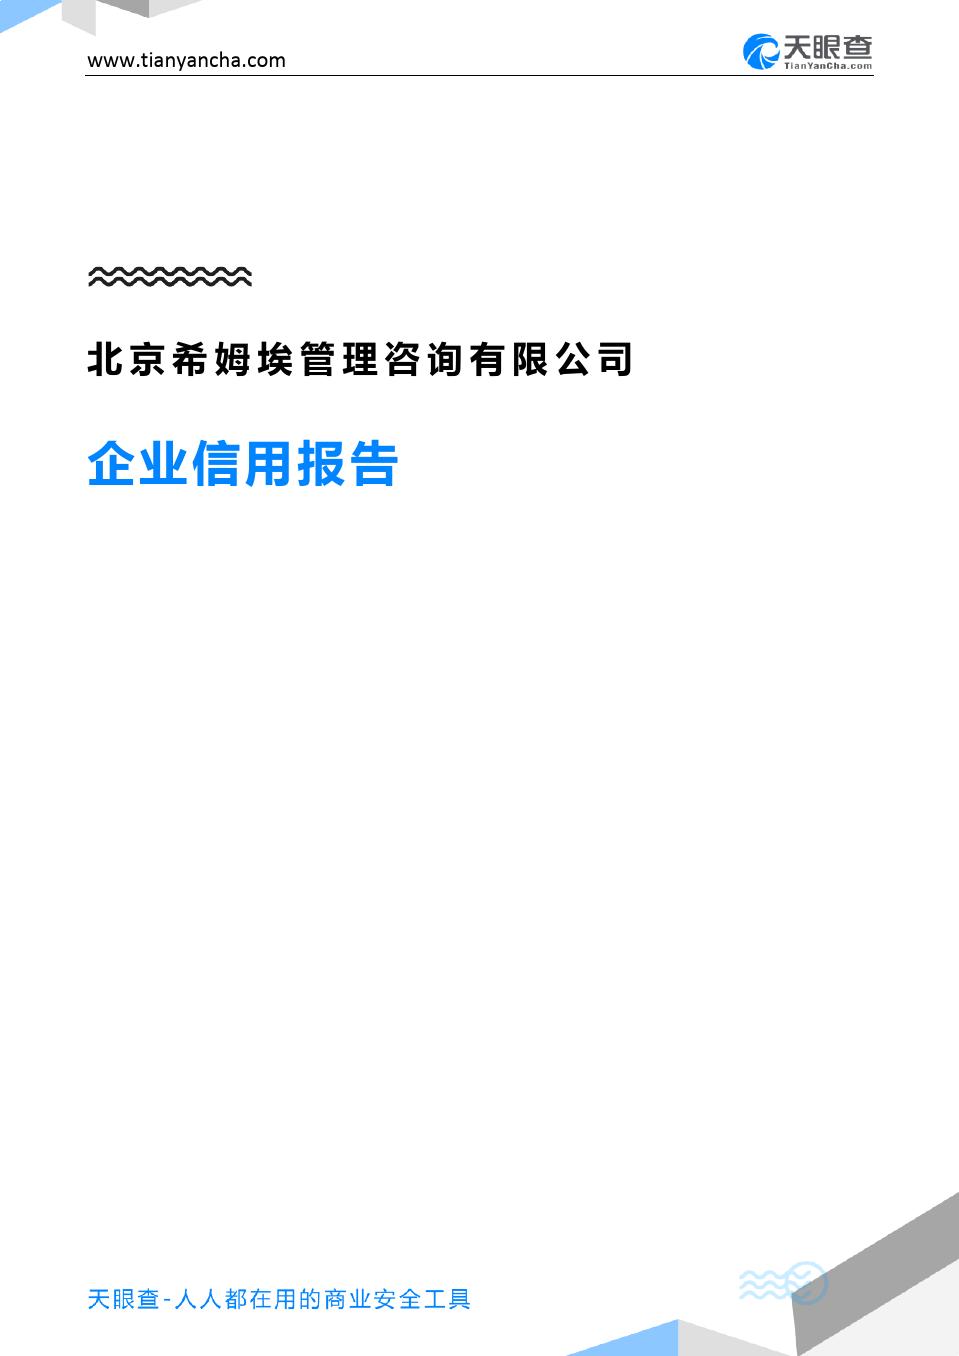 北京希姆埃管理咨询有限公司(企业信用报告)- 天眼查